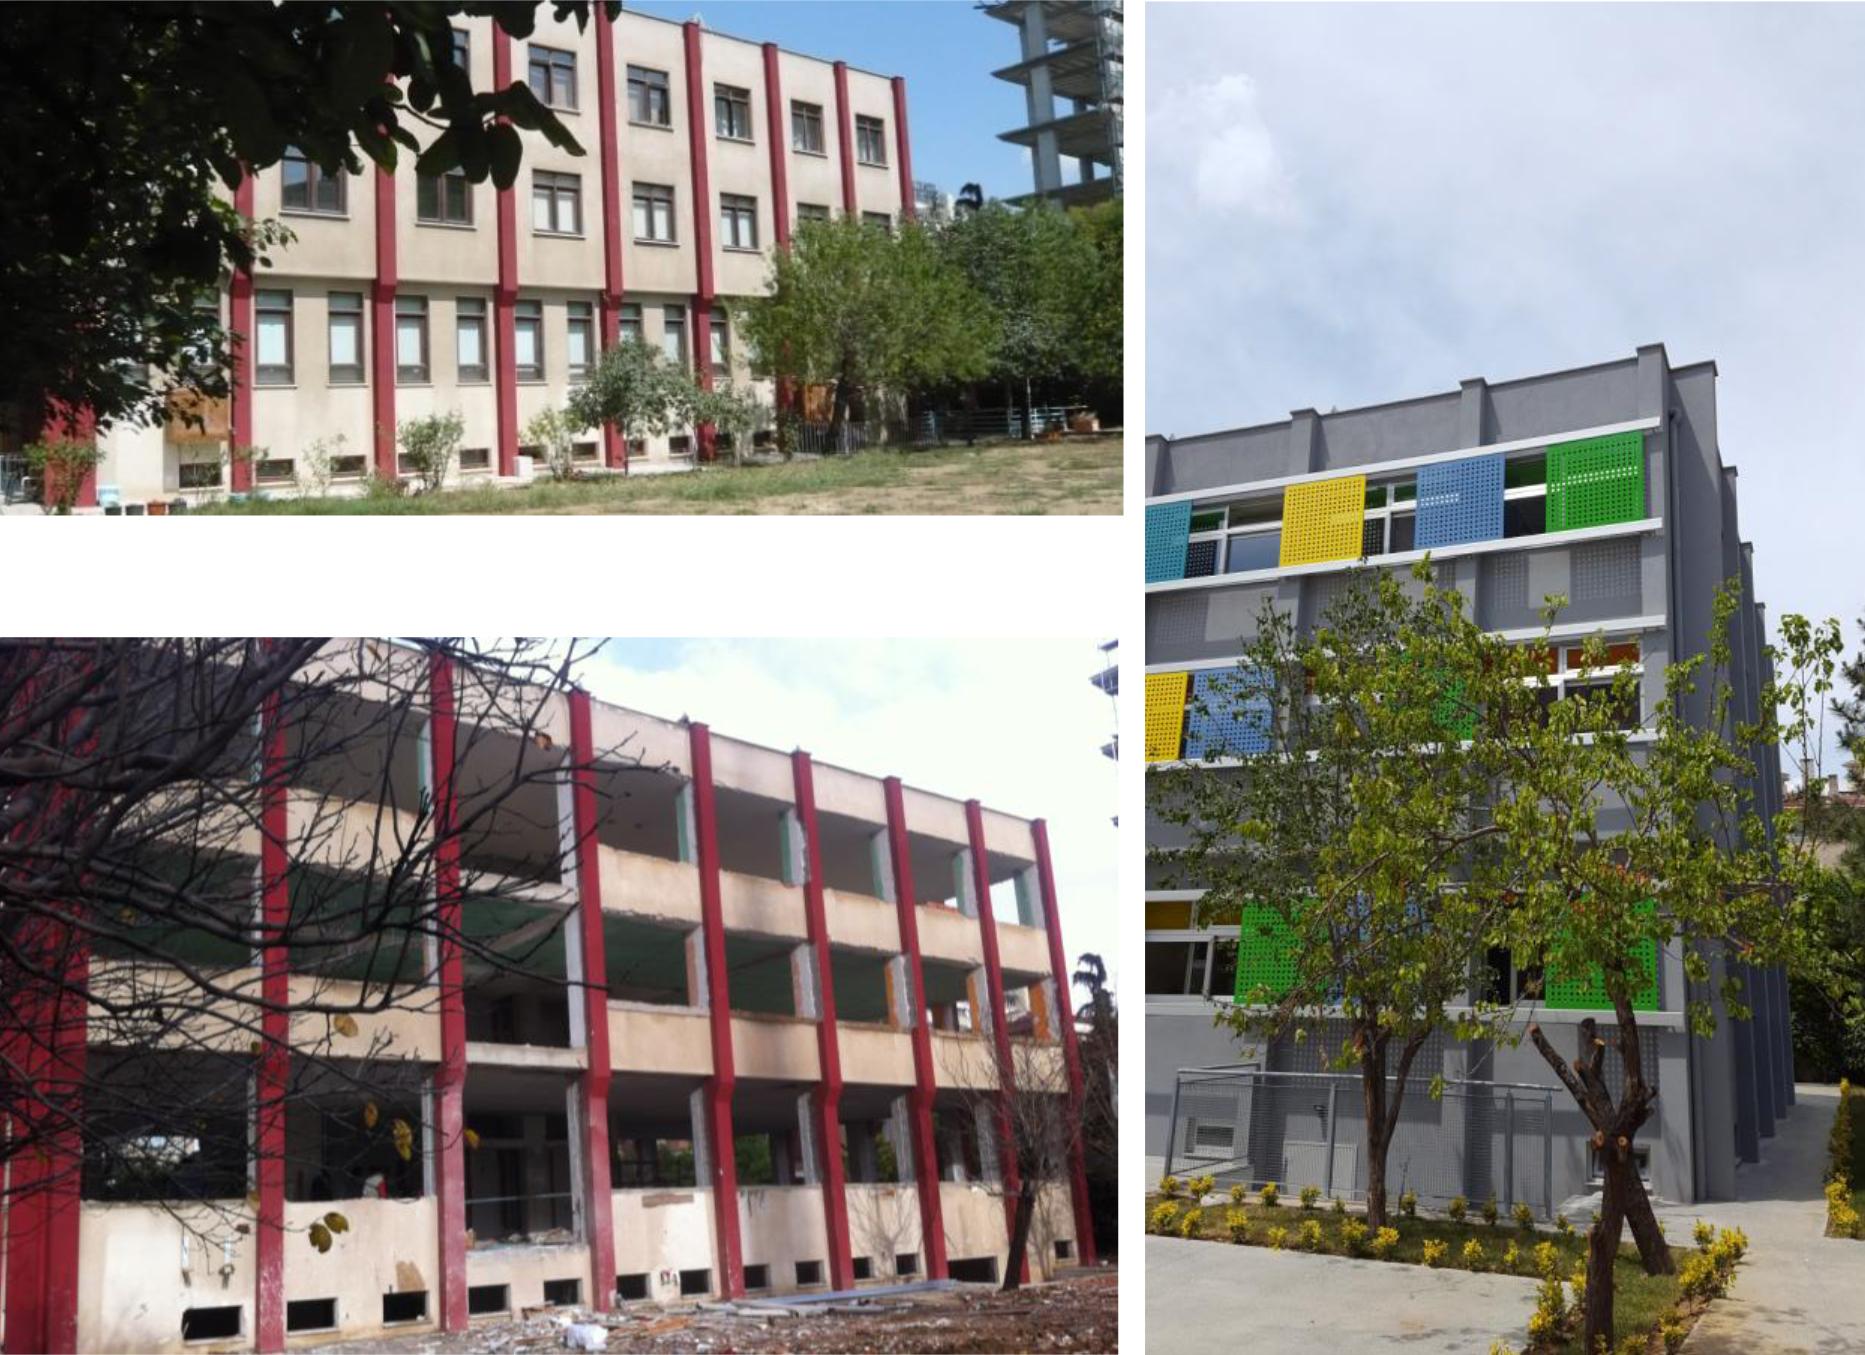 Fide Okulları Mimarisi Ve Eğitim Mekanları-3